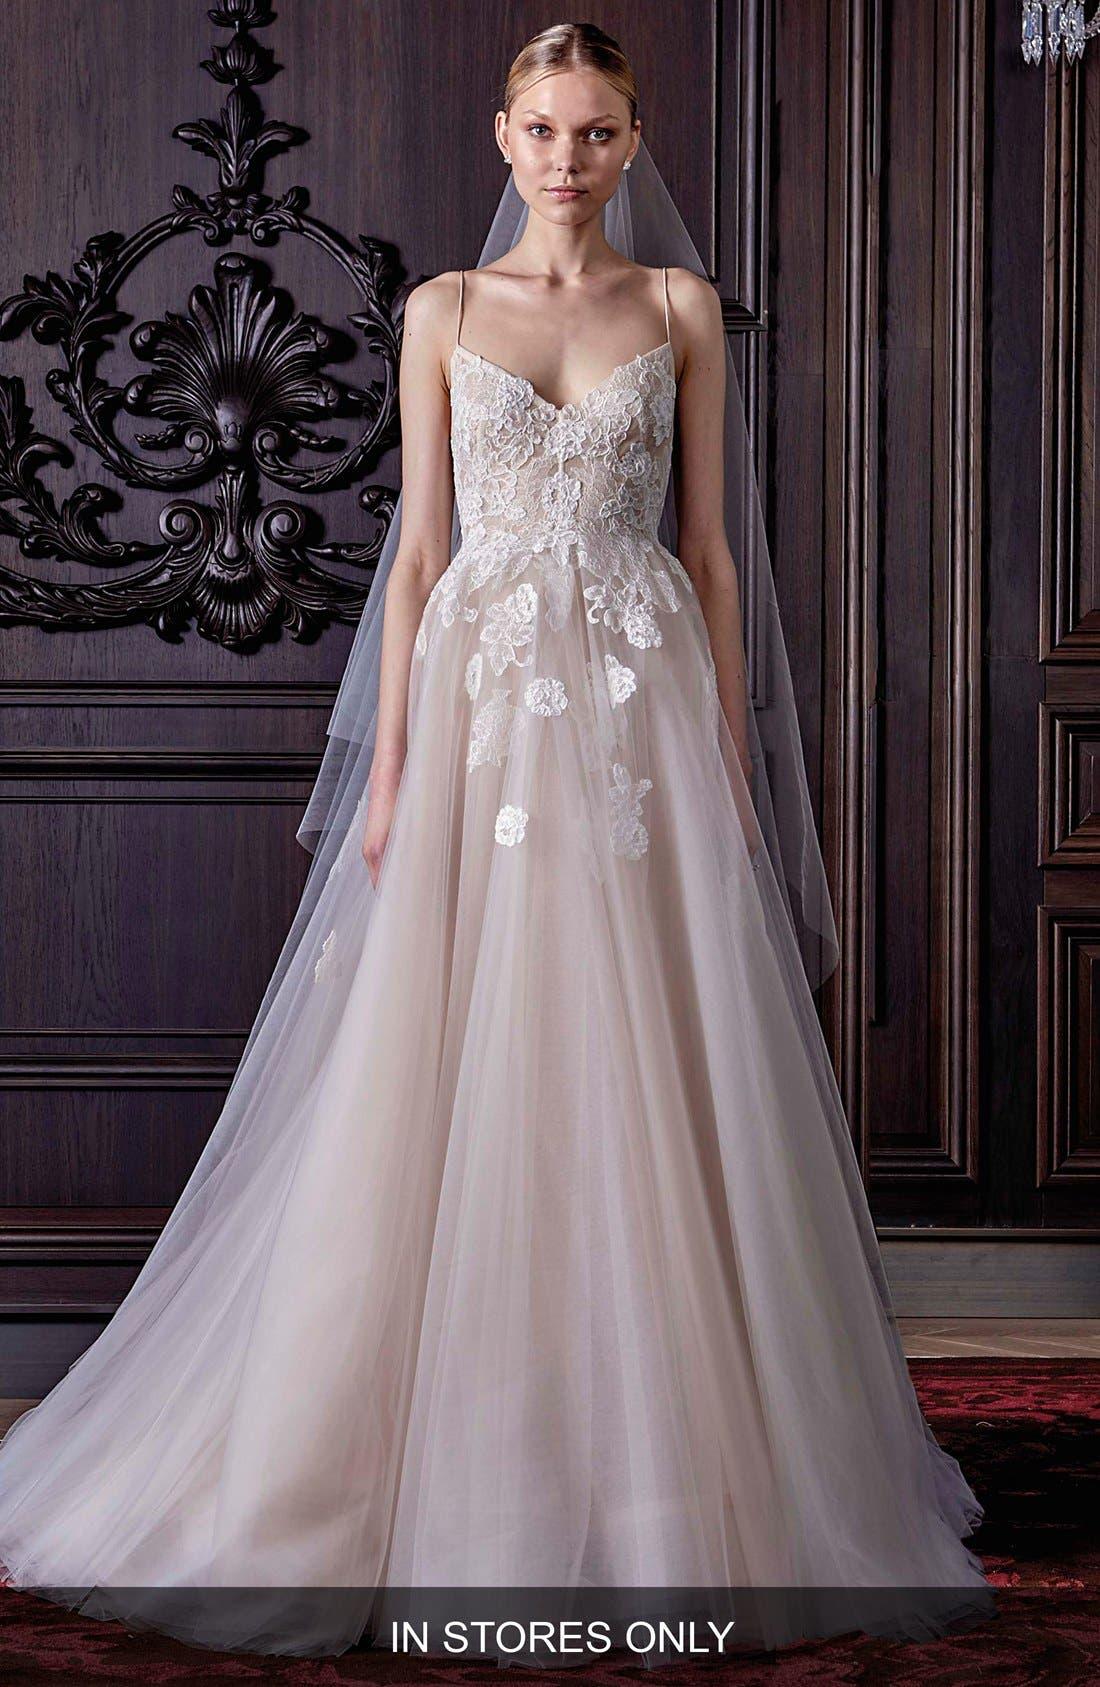 MONIQUE LHUILLIER 'Severine' Chantilly Lace & Tulle Gown